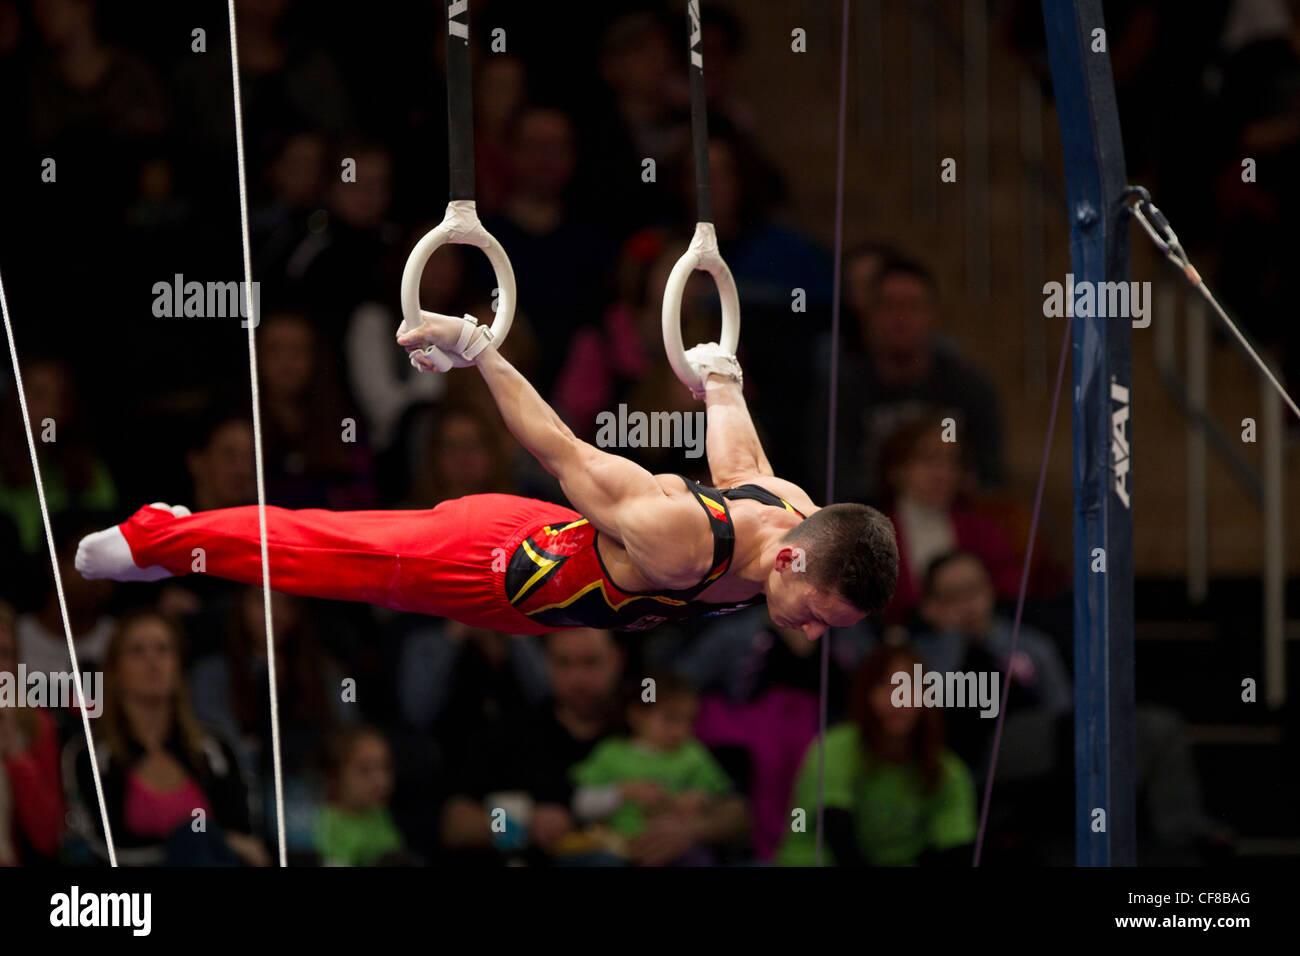 Marcel Nguyen (GER) compete in anelli ancora evento al 2012 American Cup ginnastica Immagini Stock